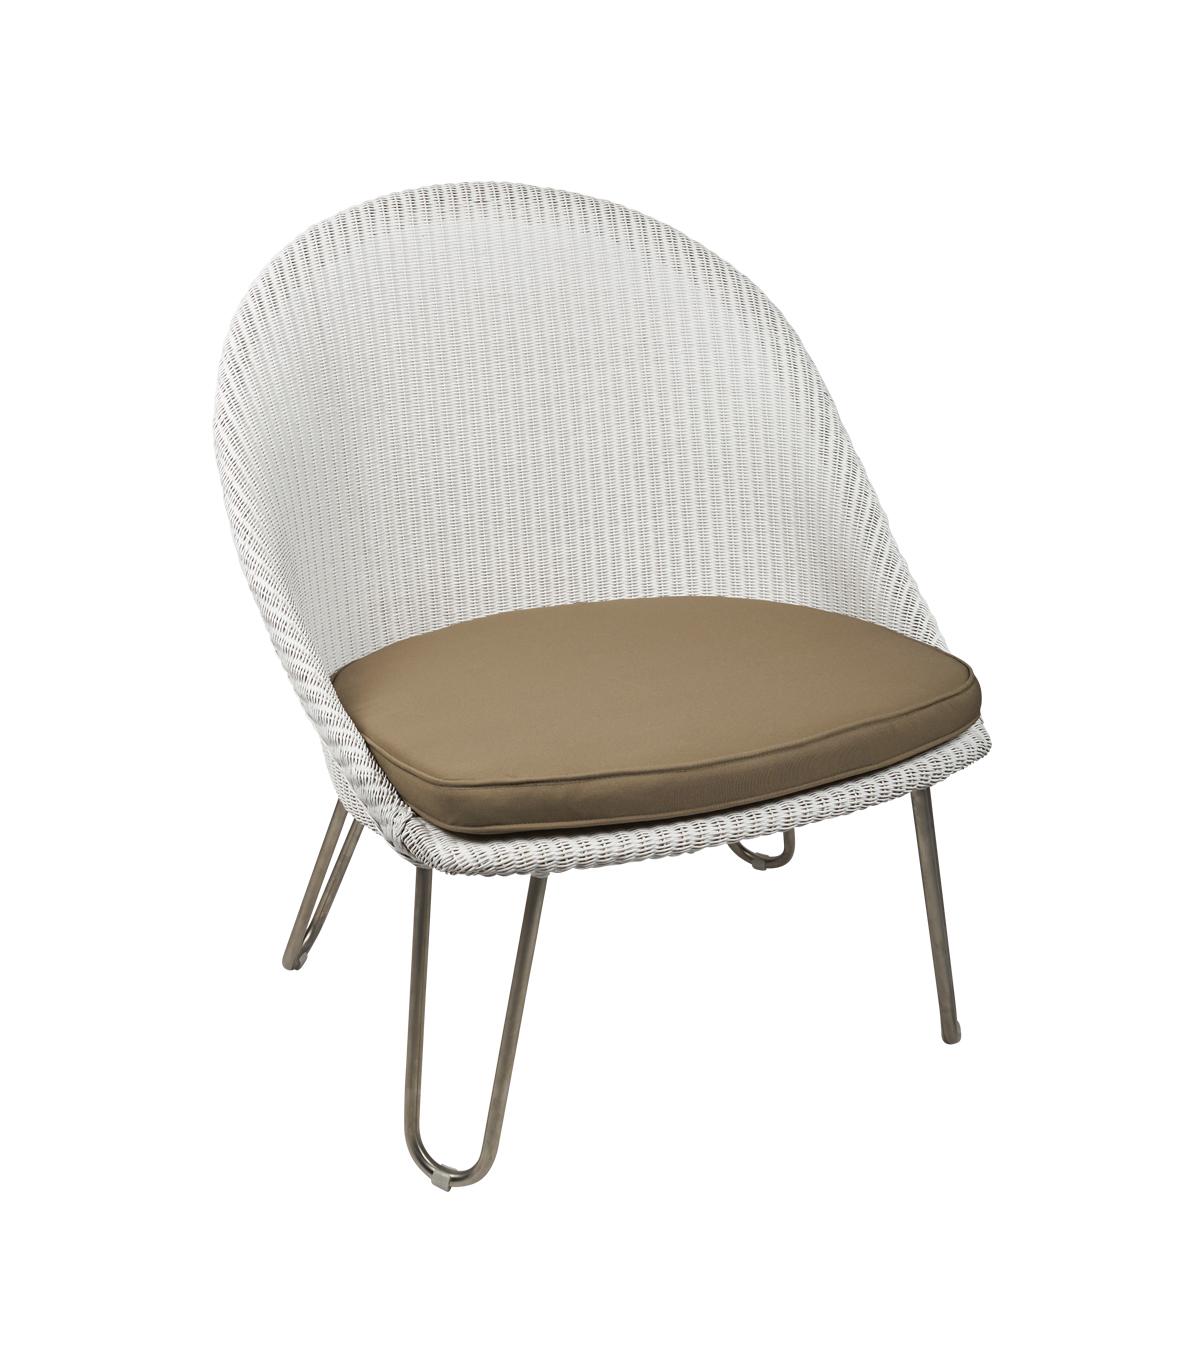 lloyd loom sessel bristol korbsessel. Black Bedroom Furniture Sets. Home Design Ideas